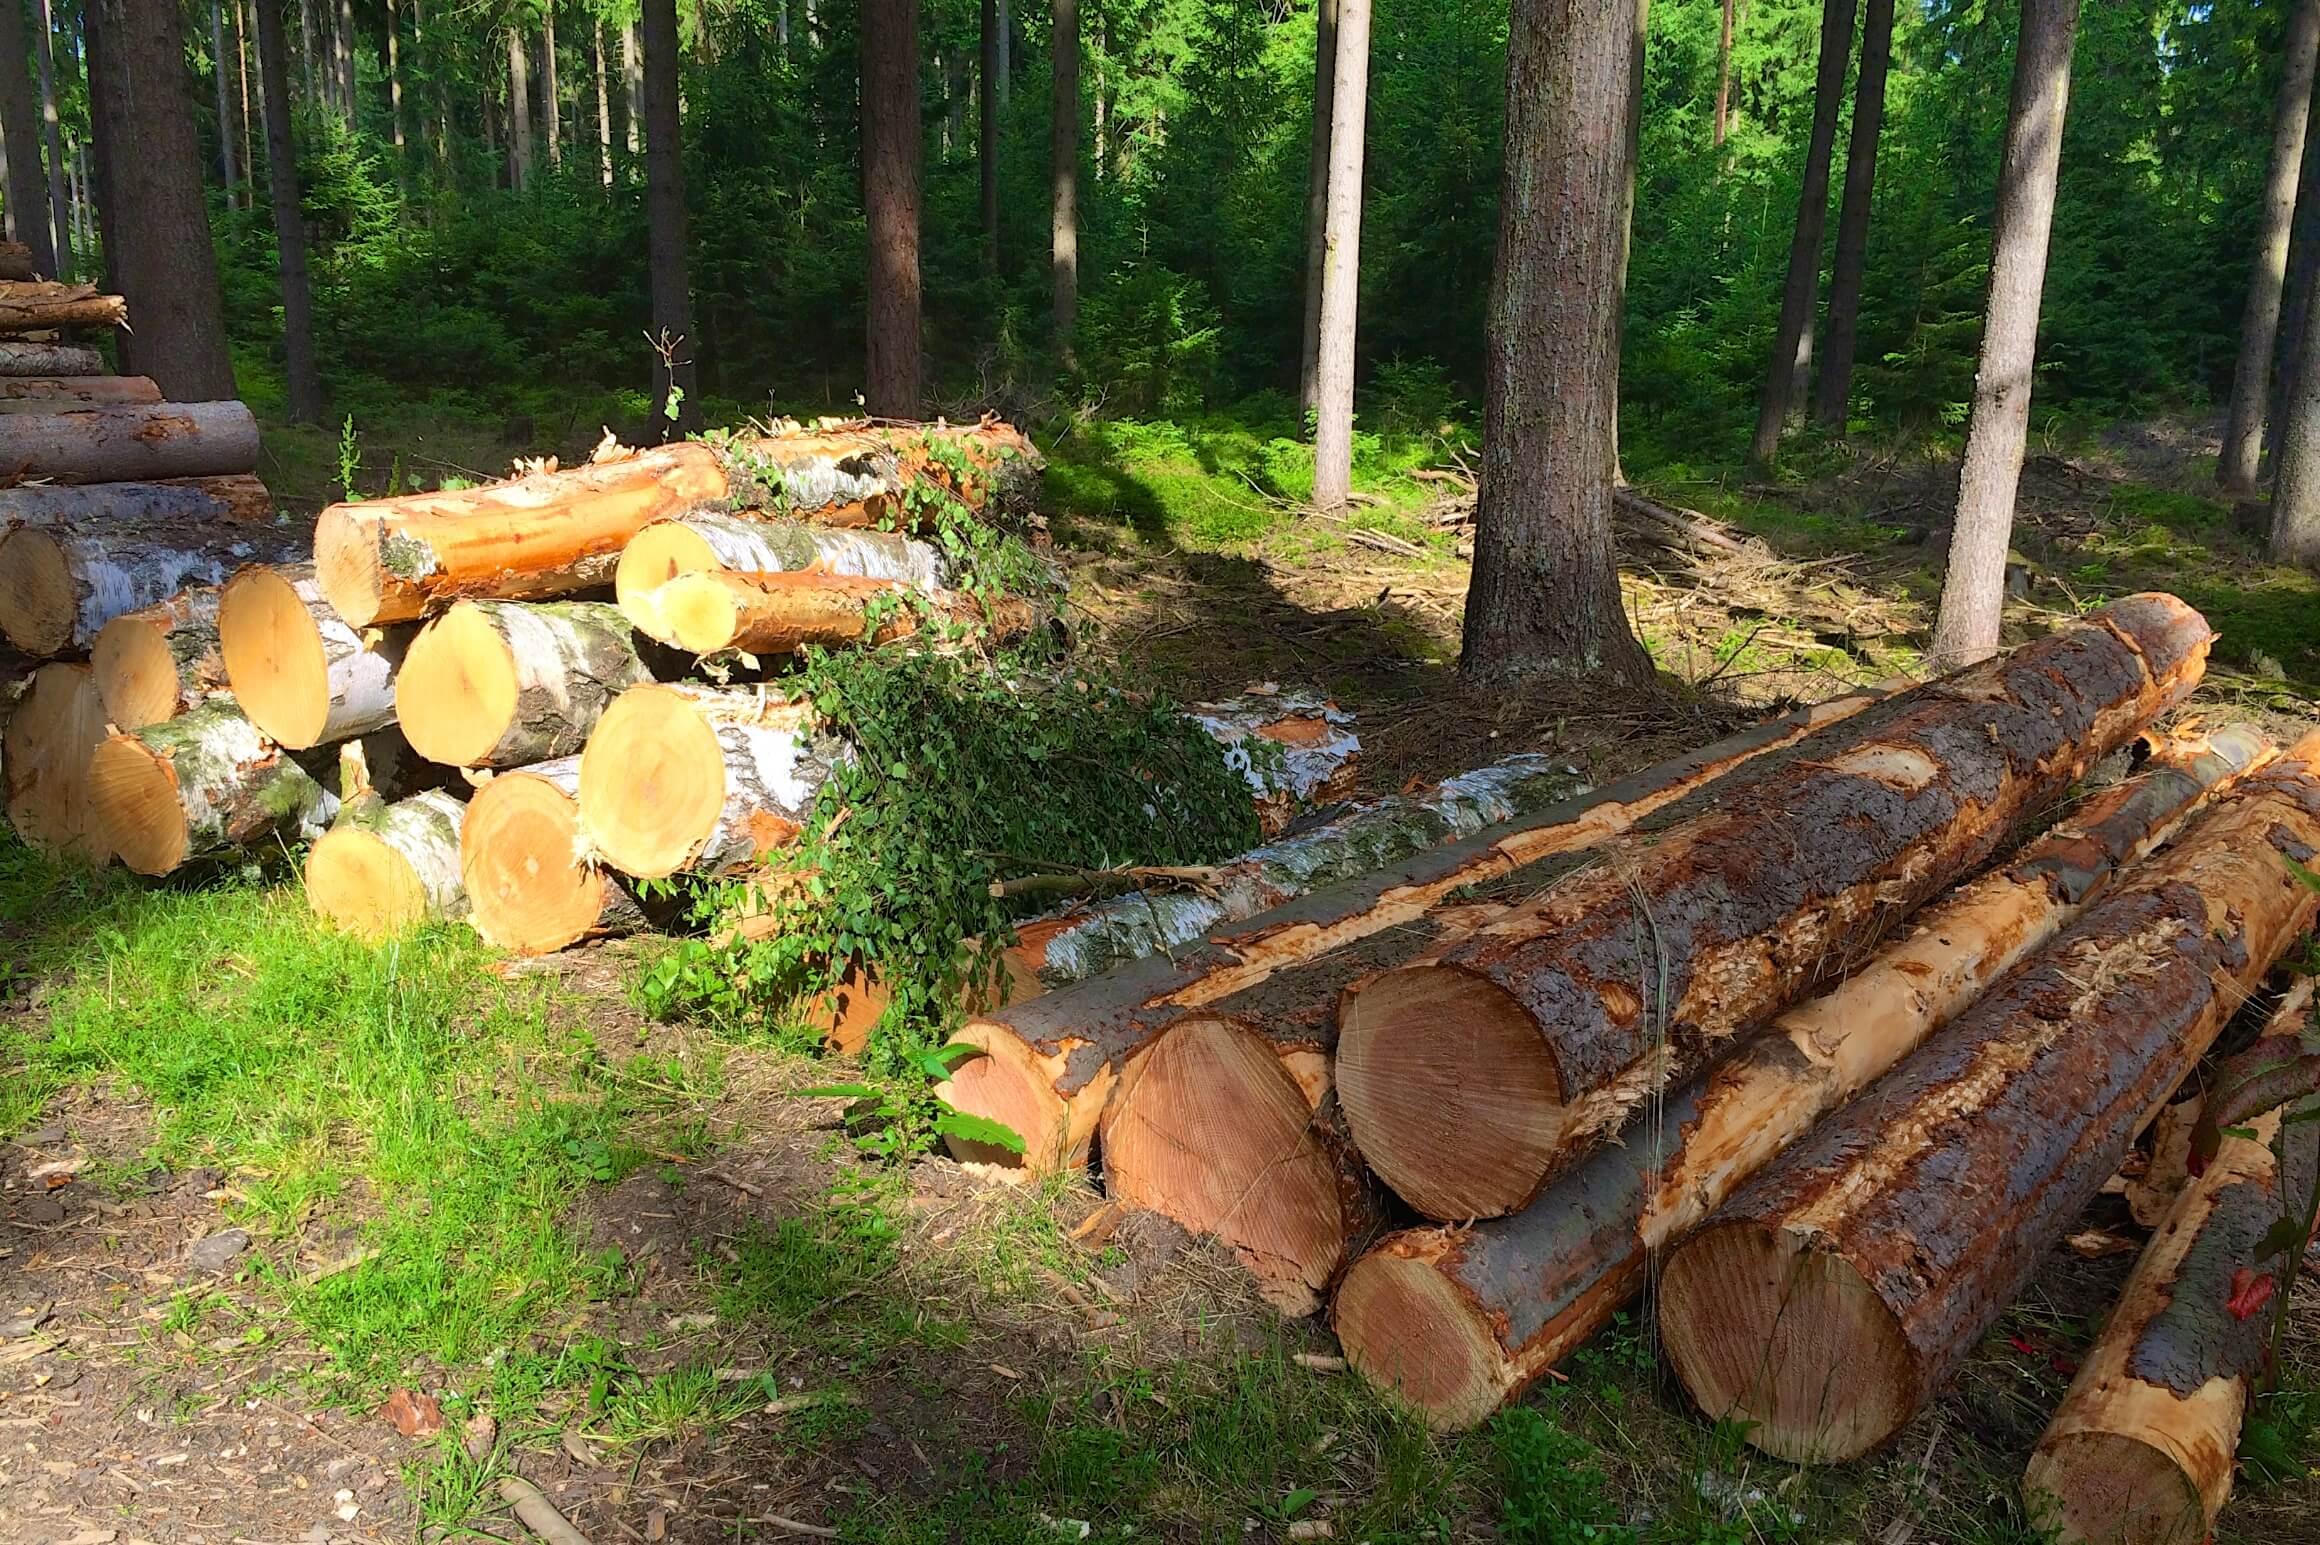 Nordic Walk: Holzgeruch im Wald